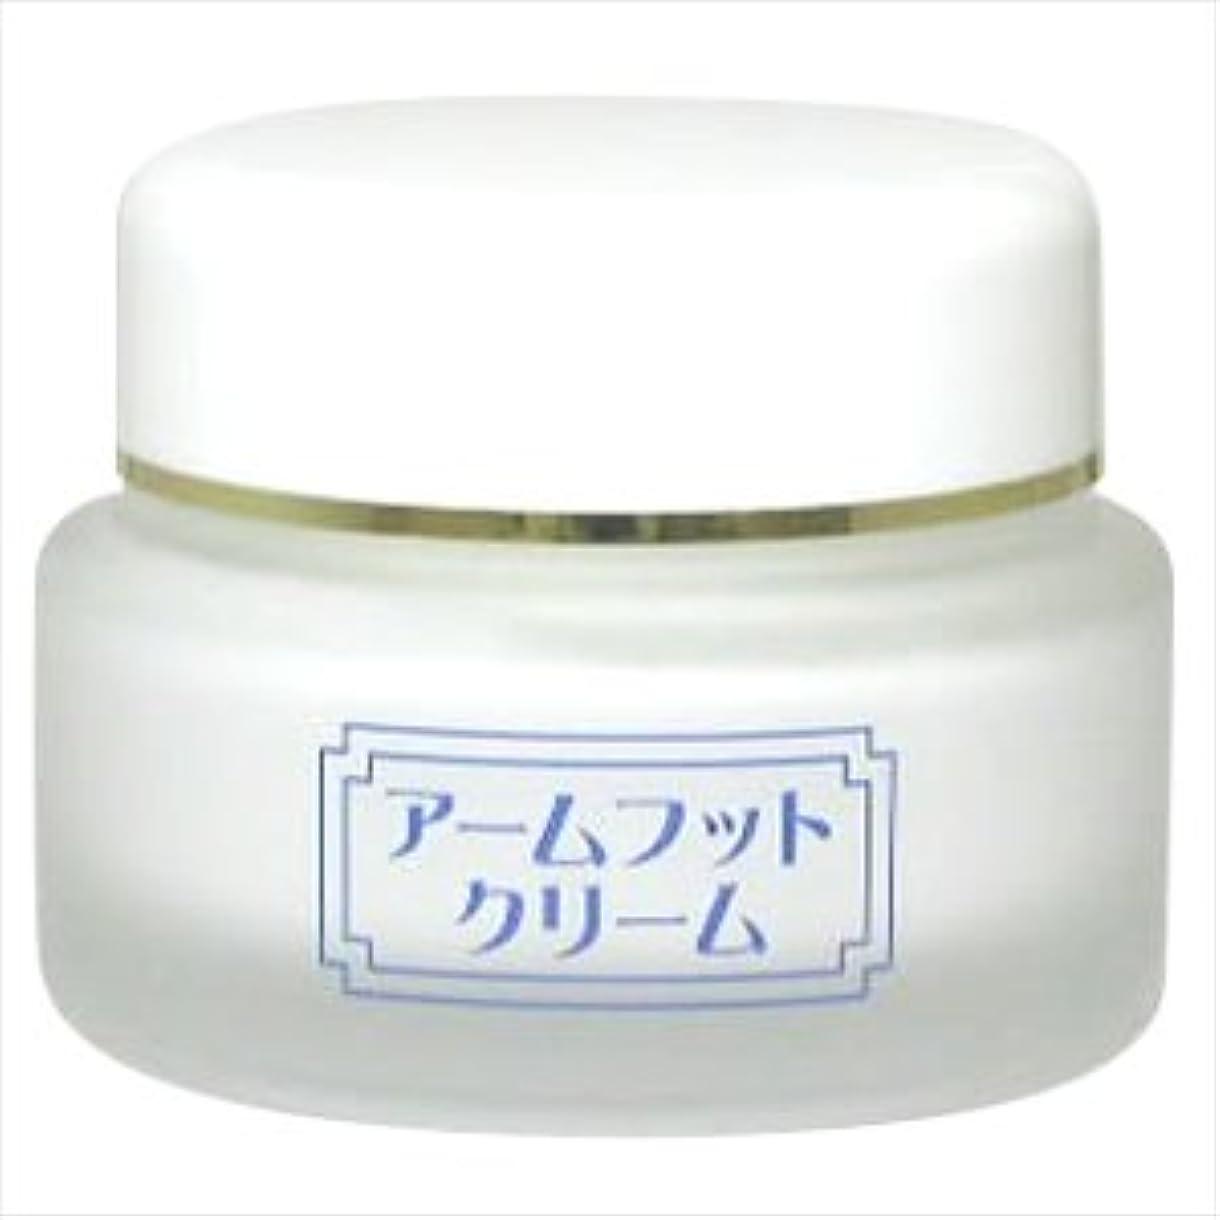 クルー滅多難破船薬用デオドラントクリーム アームフットクリーム(20g) (1個)